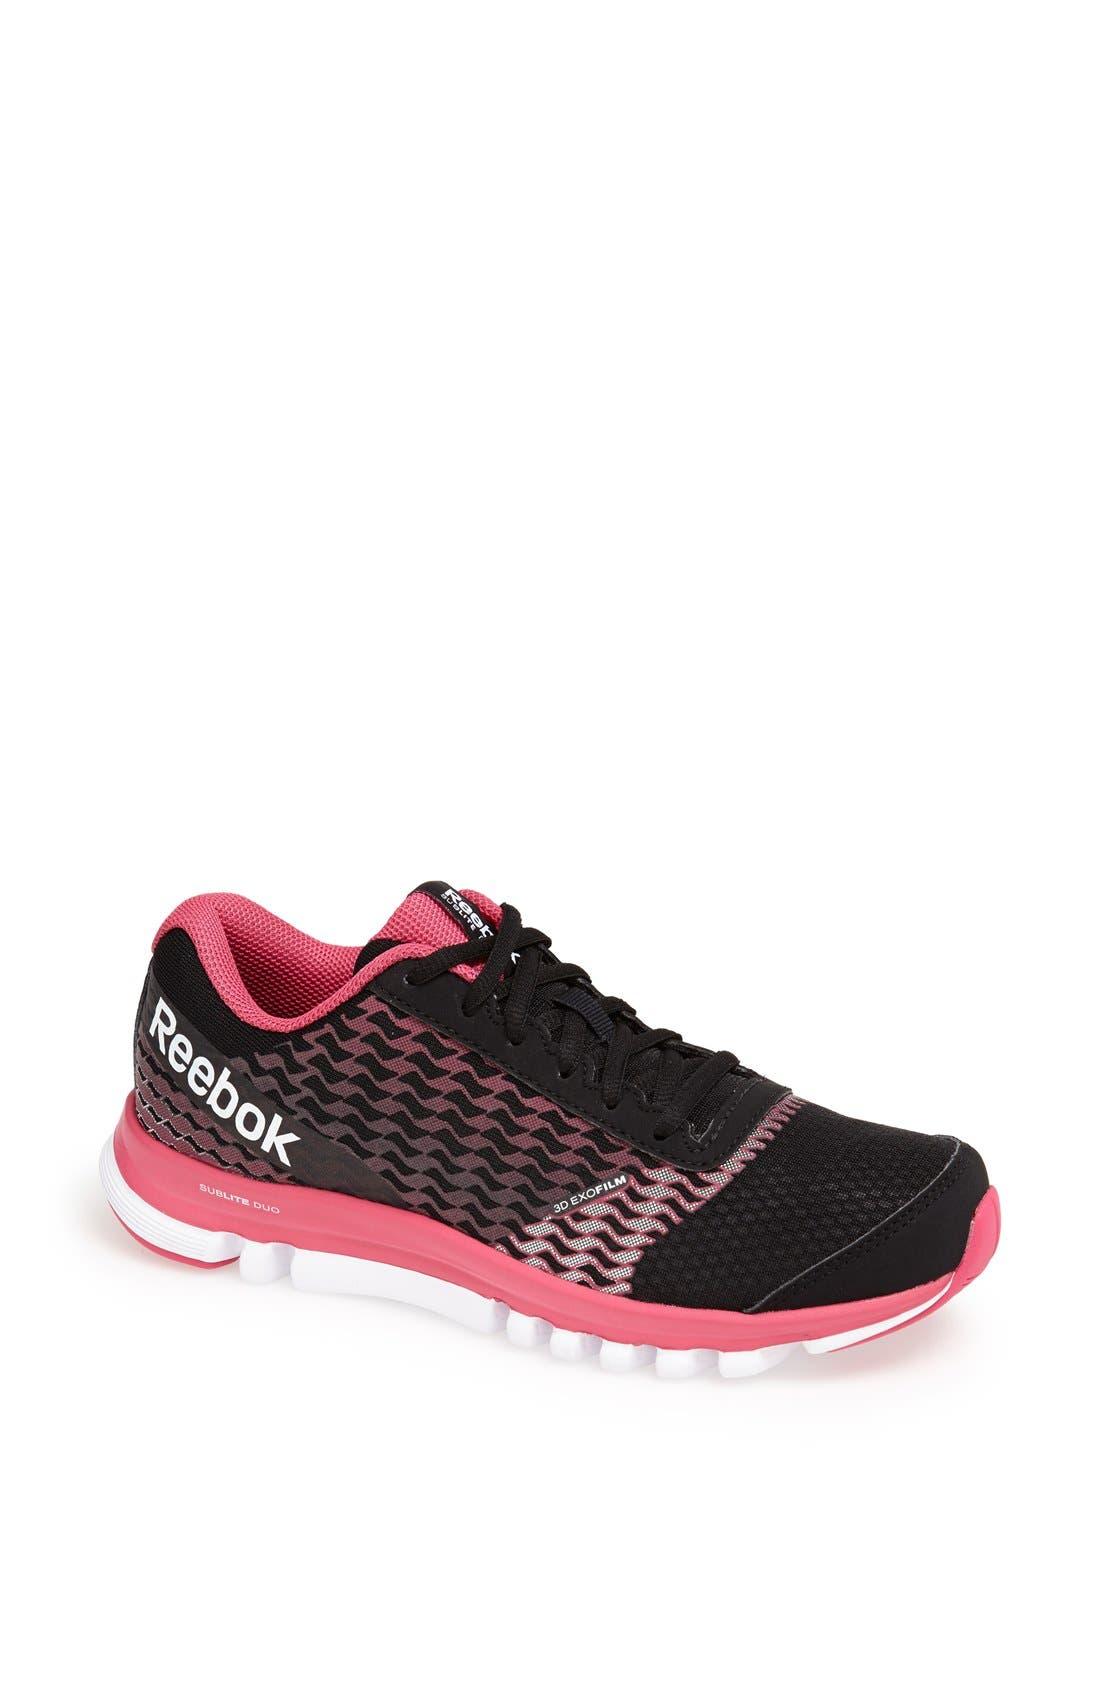 Main Image - Reebok 'SubLite Duo Instinct' Running Shoe (Women)